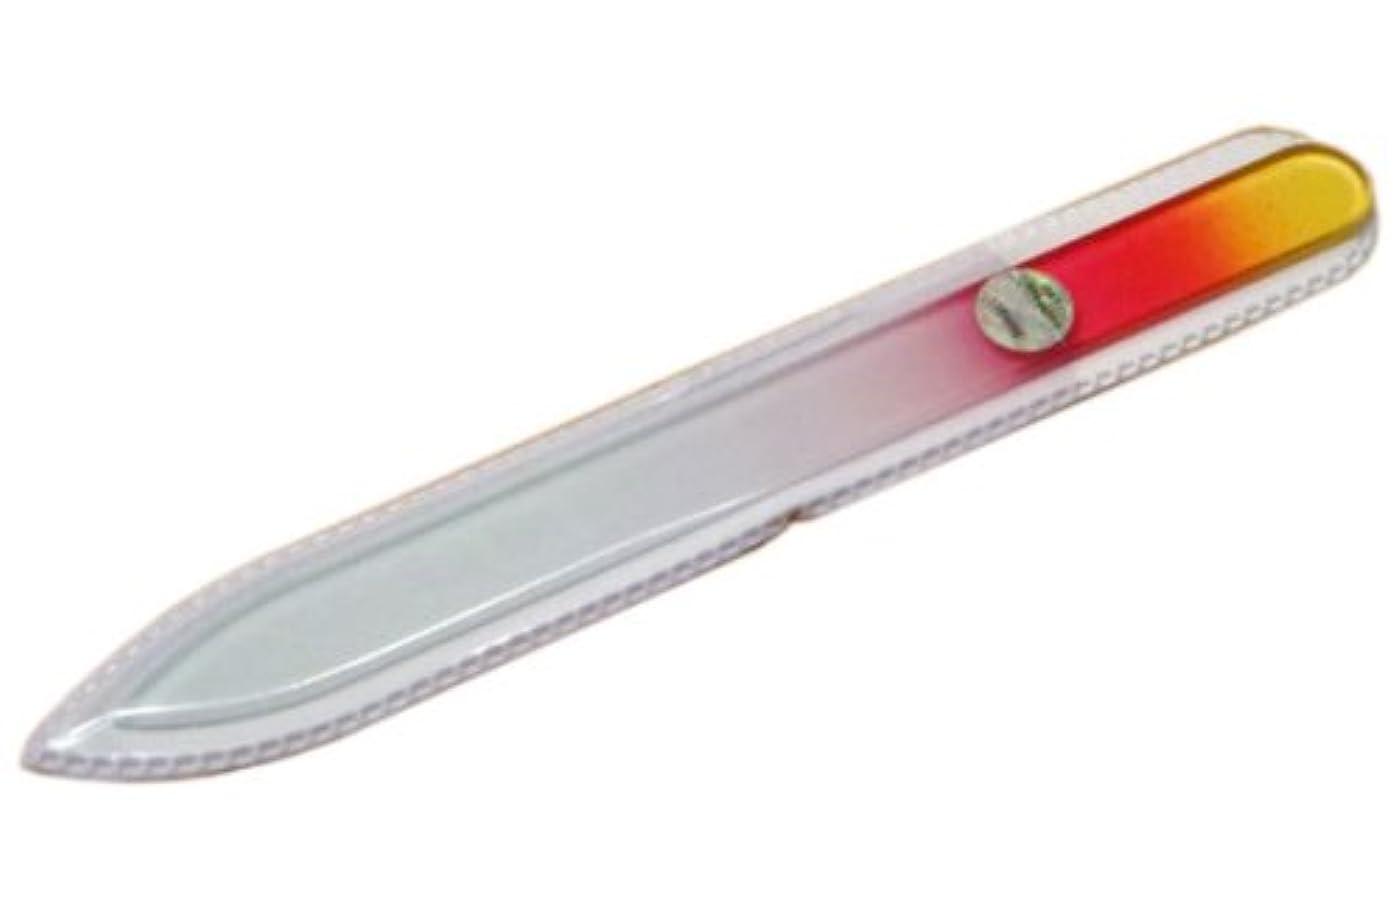 猛烈な畝間値ブラジェク ガラス爪やすり 140mm 片面タイプ(オレンジグラデーション #01)